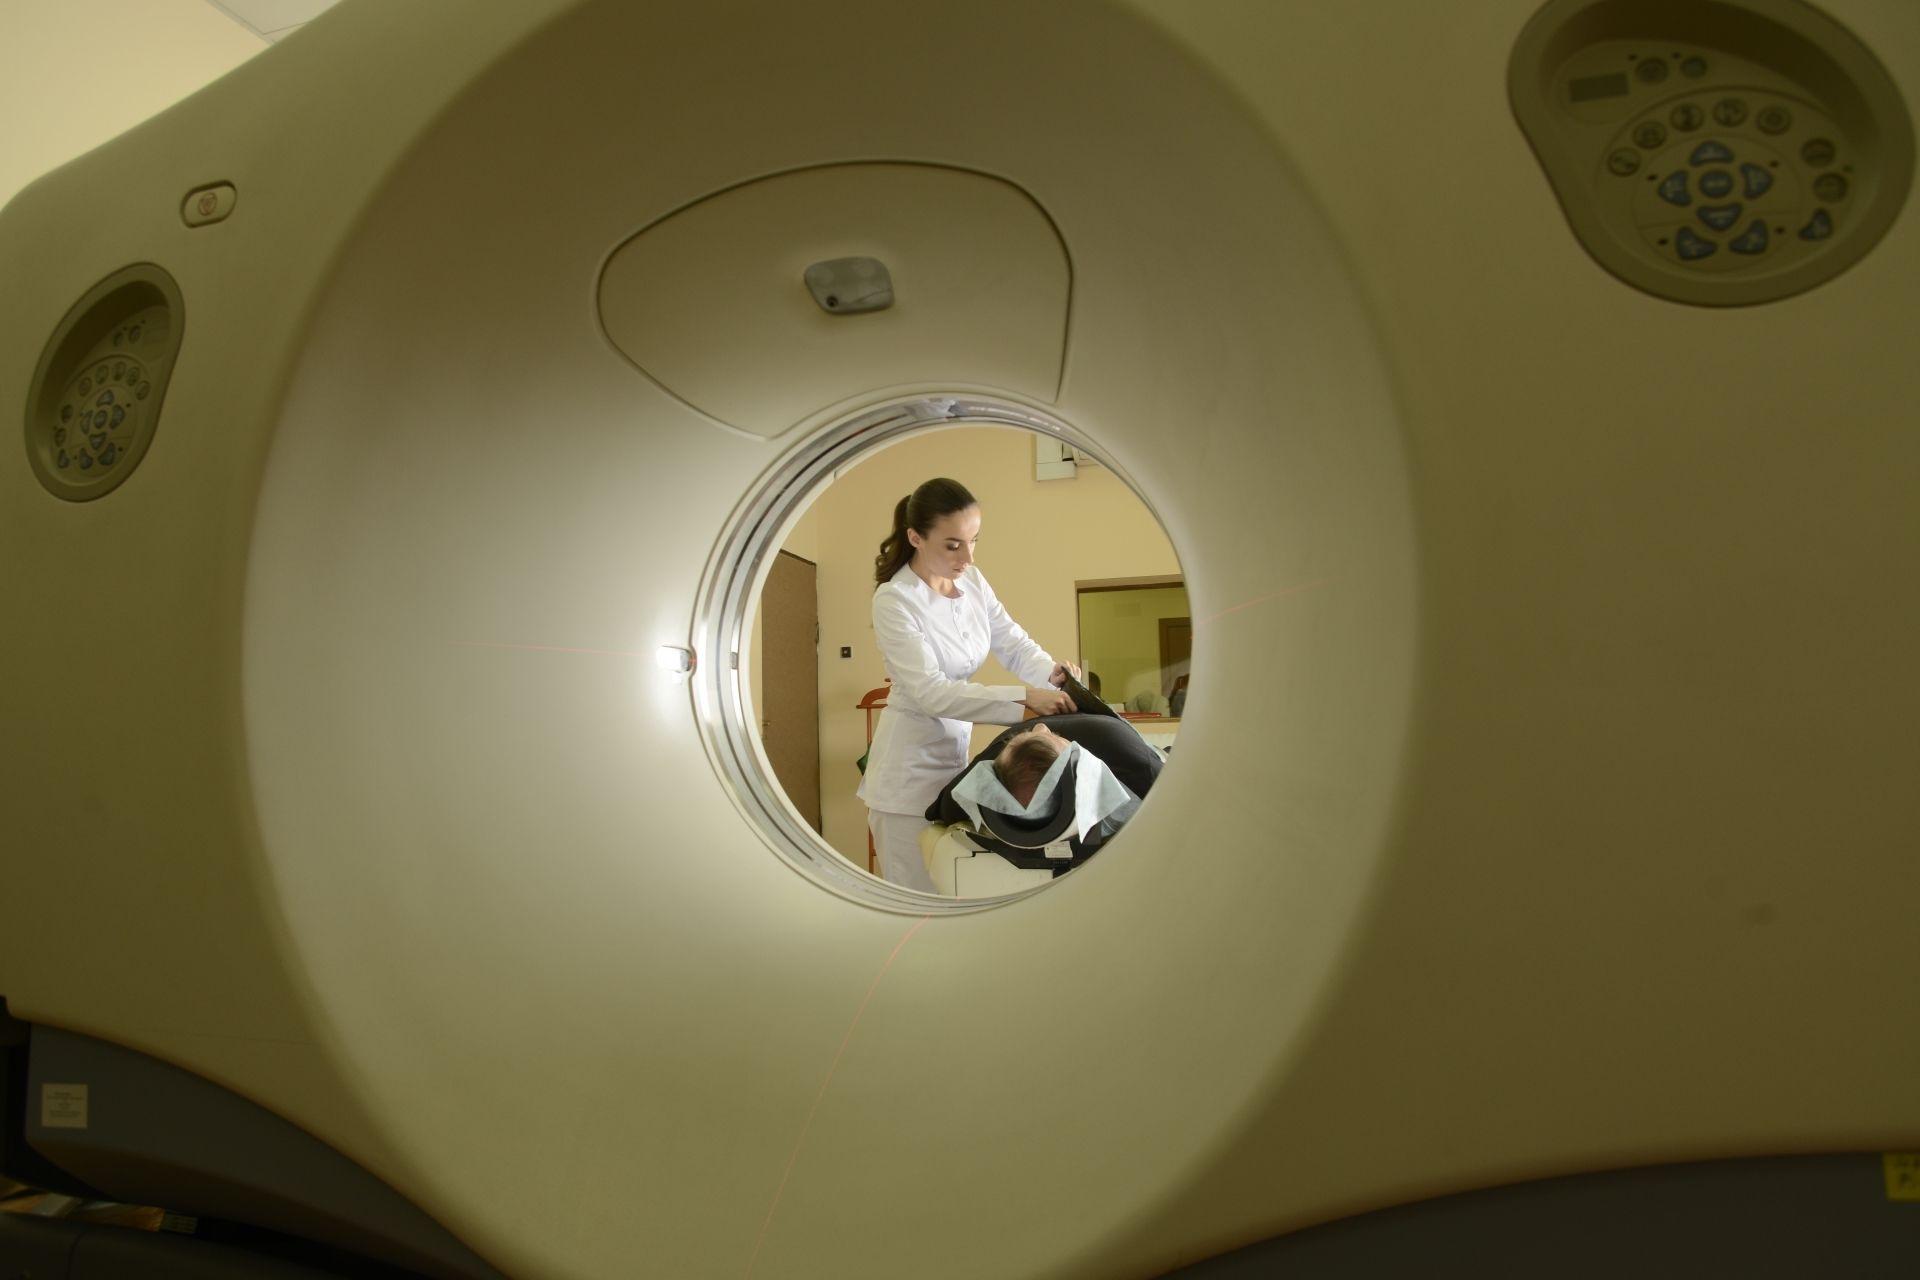 新型コロナウイルス感染症の拡大で「がん患者が増える」?